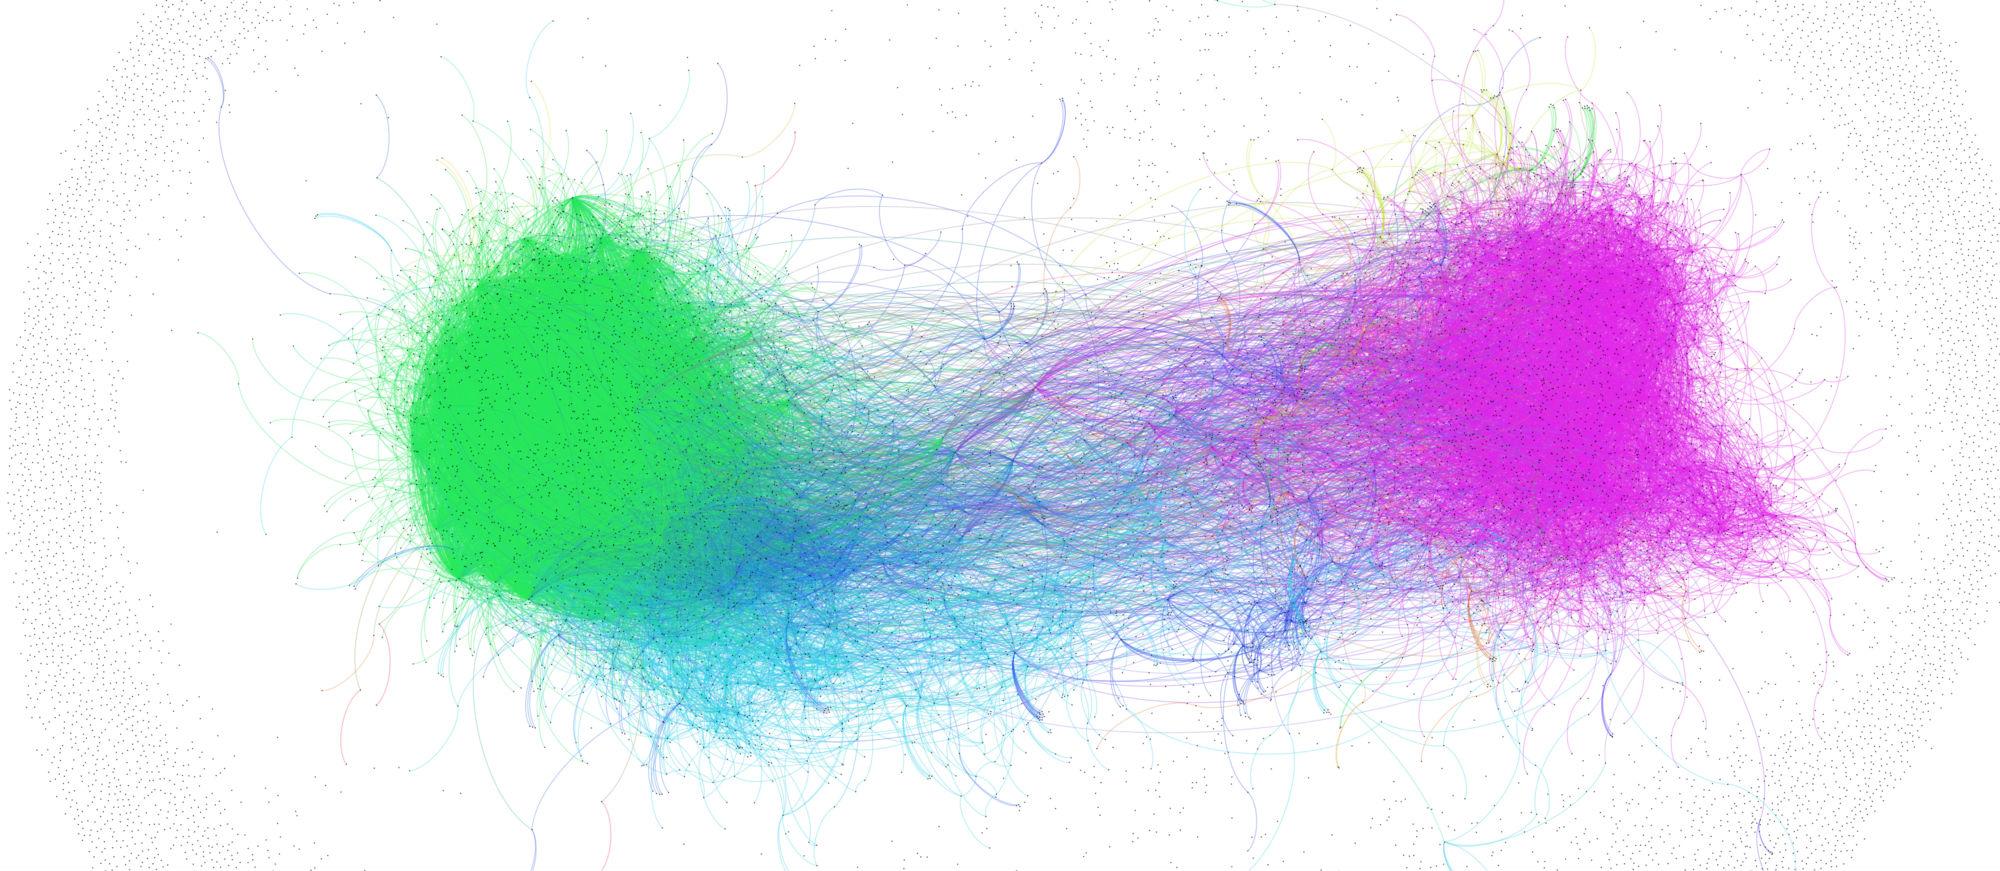 Jagades Twitteris Gamergate'i hashtag'i kasutajad omavaheliste suhete põhjal gruppidesse, joonistub välja kaks suuremat leeri: vasakule jäävad Gamergate'i toetajad, paremale selle vastased ning keskele käputäis vastuolulisi isikuid, kes suhestuvad mõlema poolega. Joonisel kujutab iga punkt ühte inimest ja jooned neid, keda Twitteris jälgitakse.